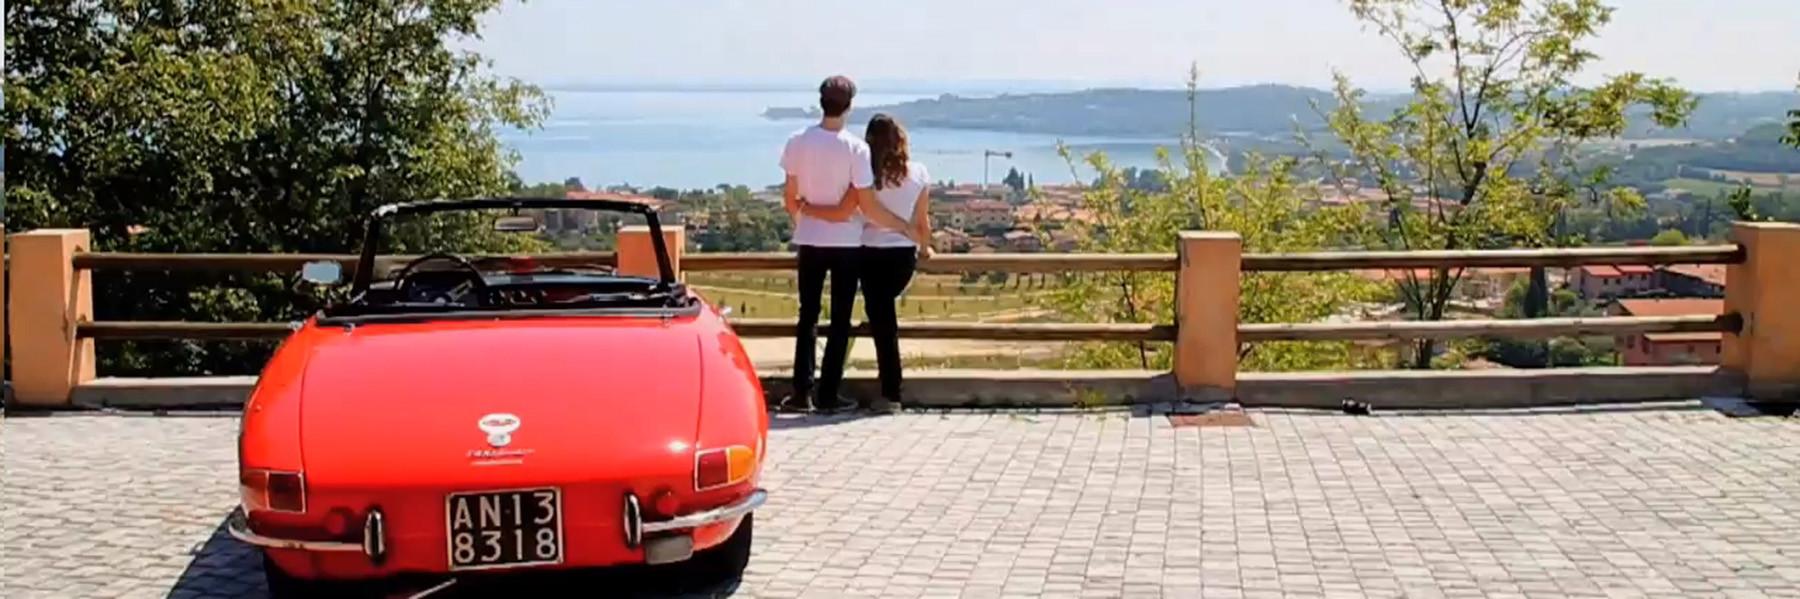 Mit dem Cabrio durch Italien - unvergesslich schön!